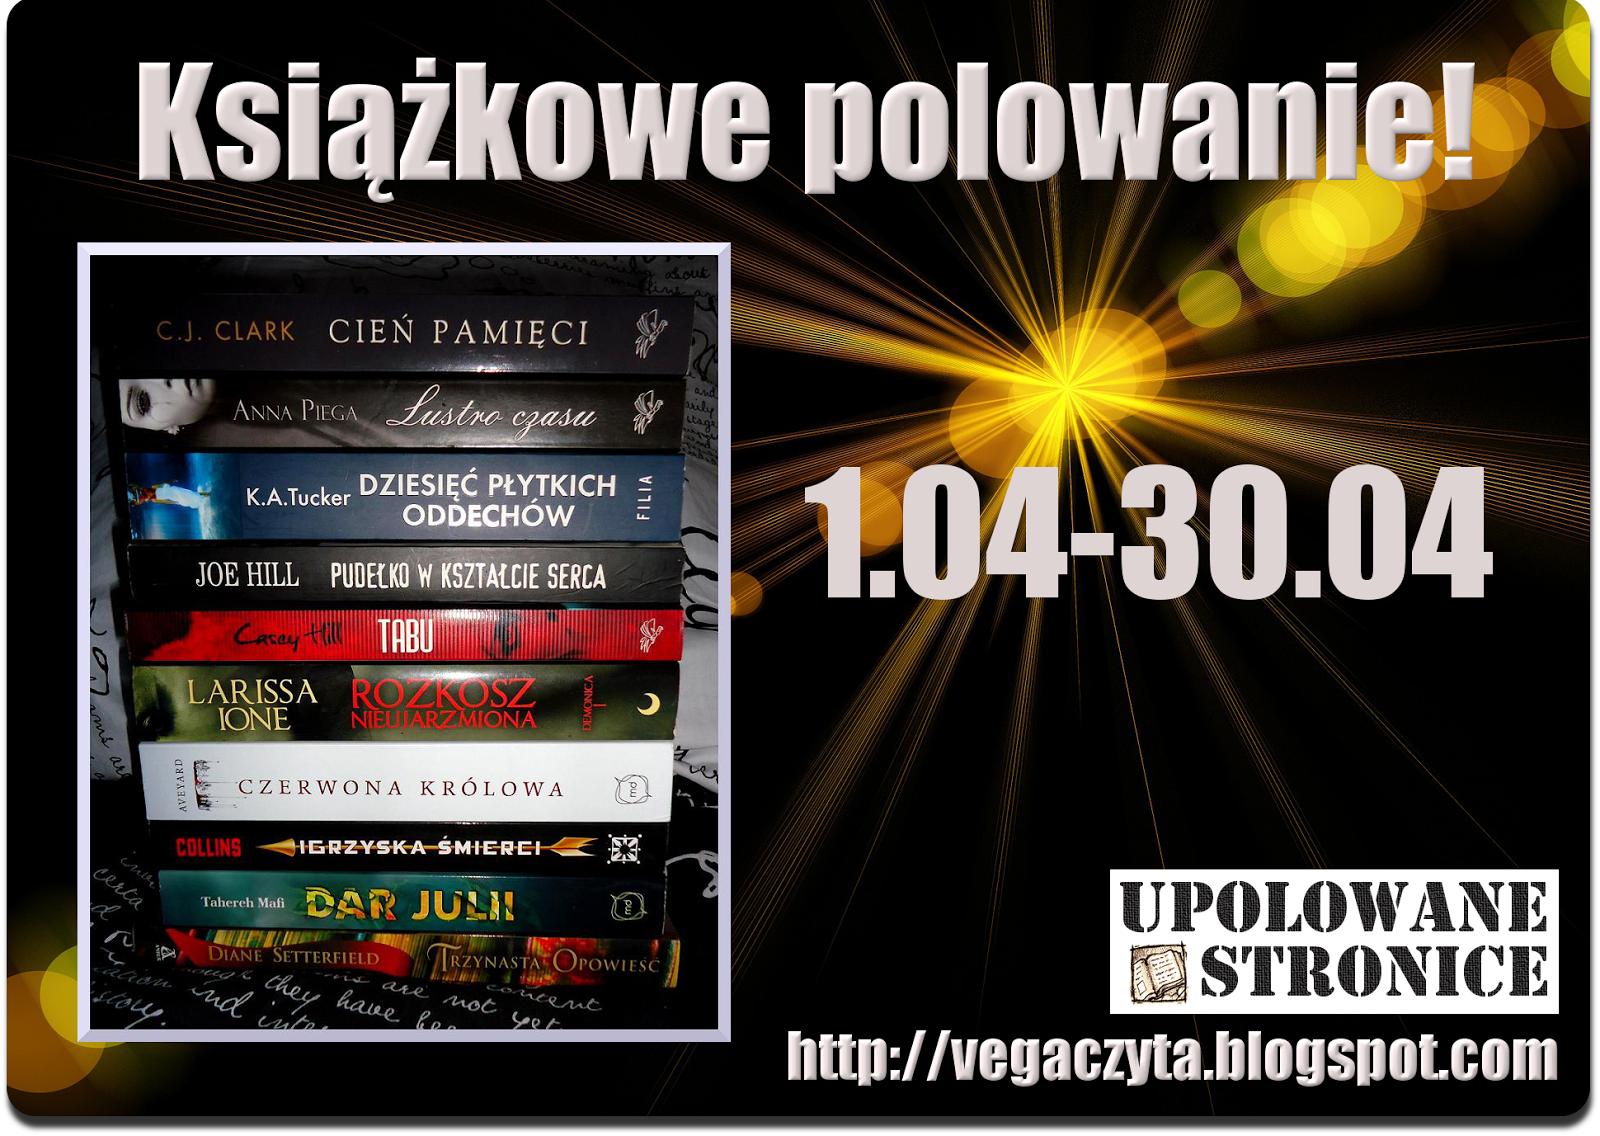 http://vegaczyta.blogspot.com/2015/04/ksiazkowe-polowanie-odsona-kwietniowa.html